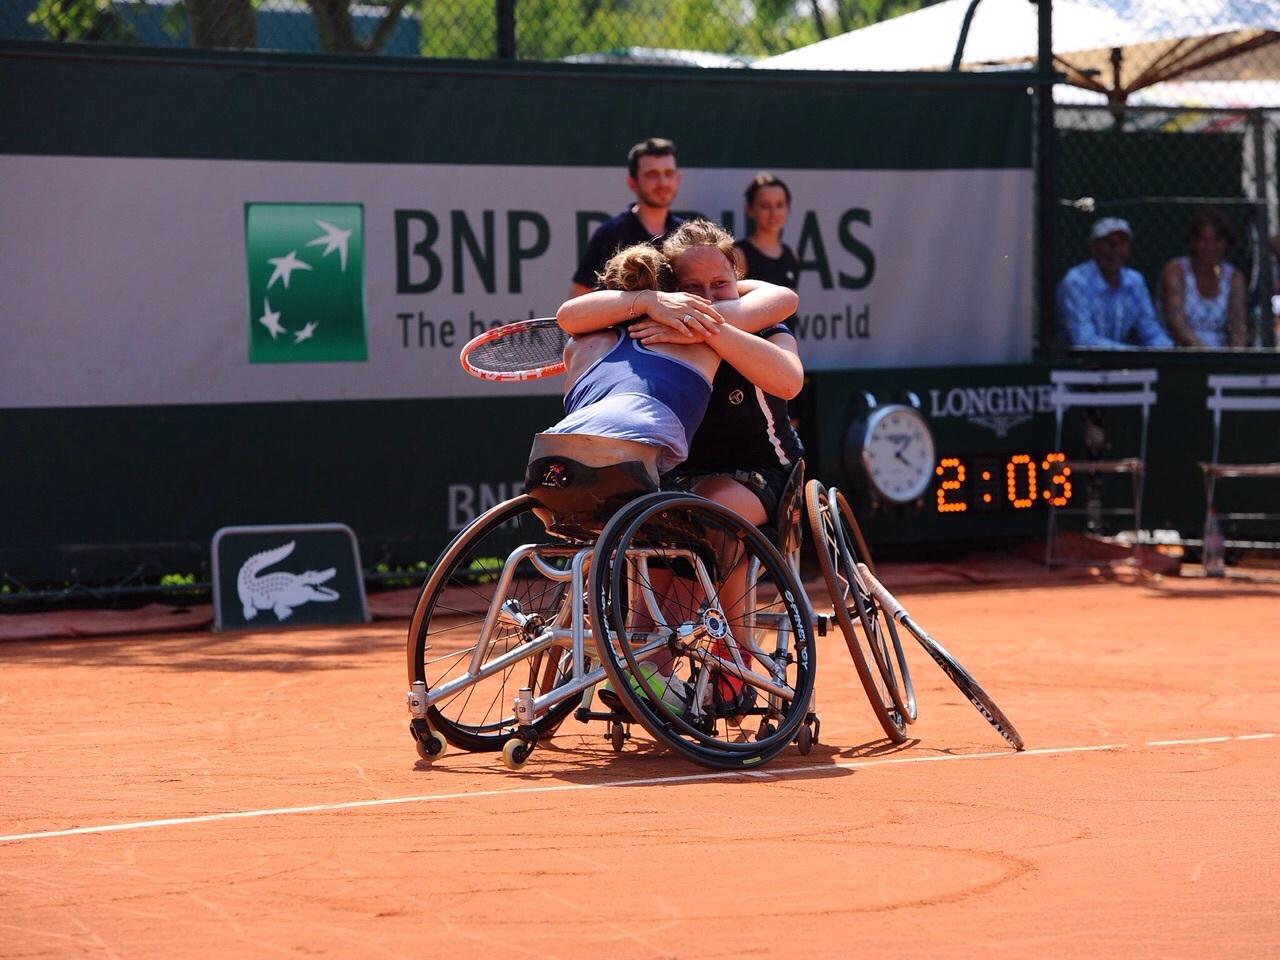 Winning doubles together with Aniek van Koot.